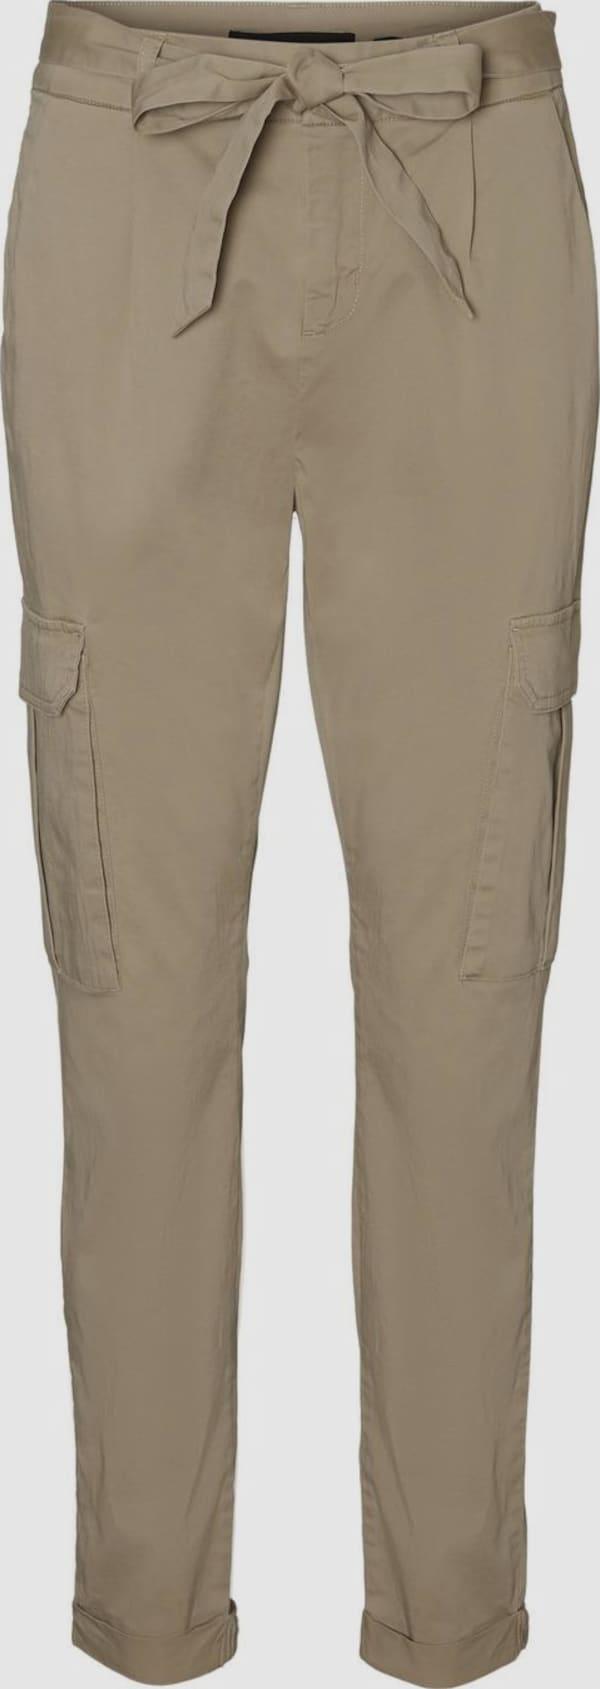 Vero Moda Tall Eva High Rise Cargo-Hose mit Paperbag-Taille und Taillengürtel